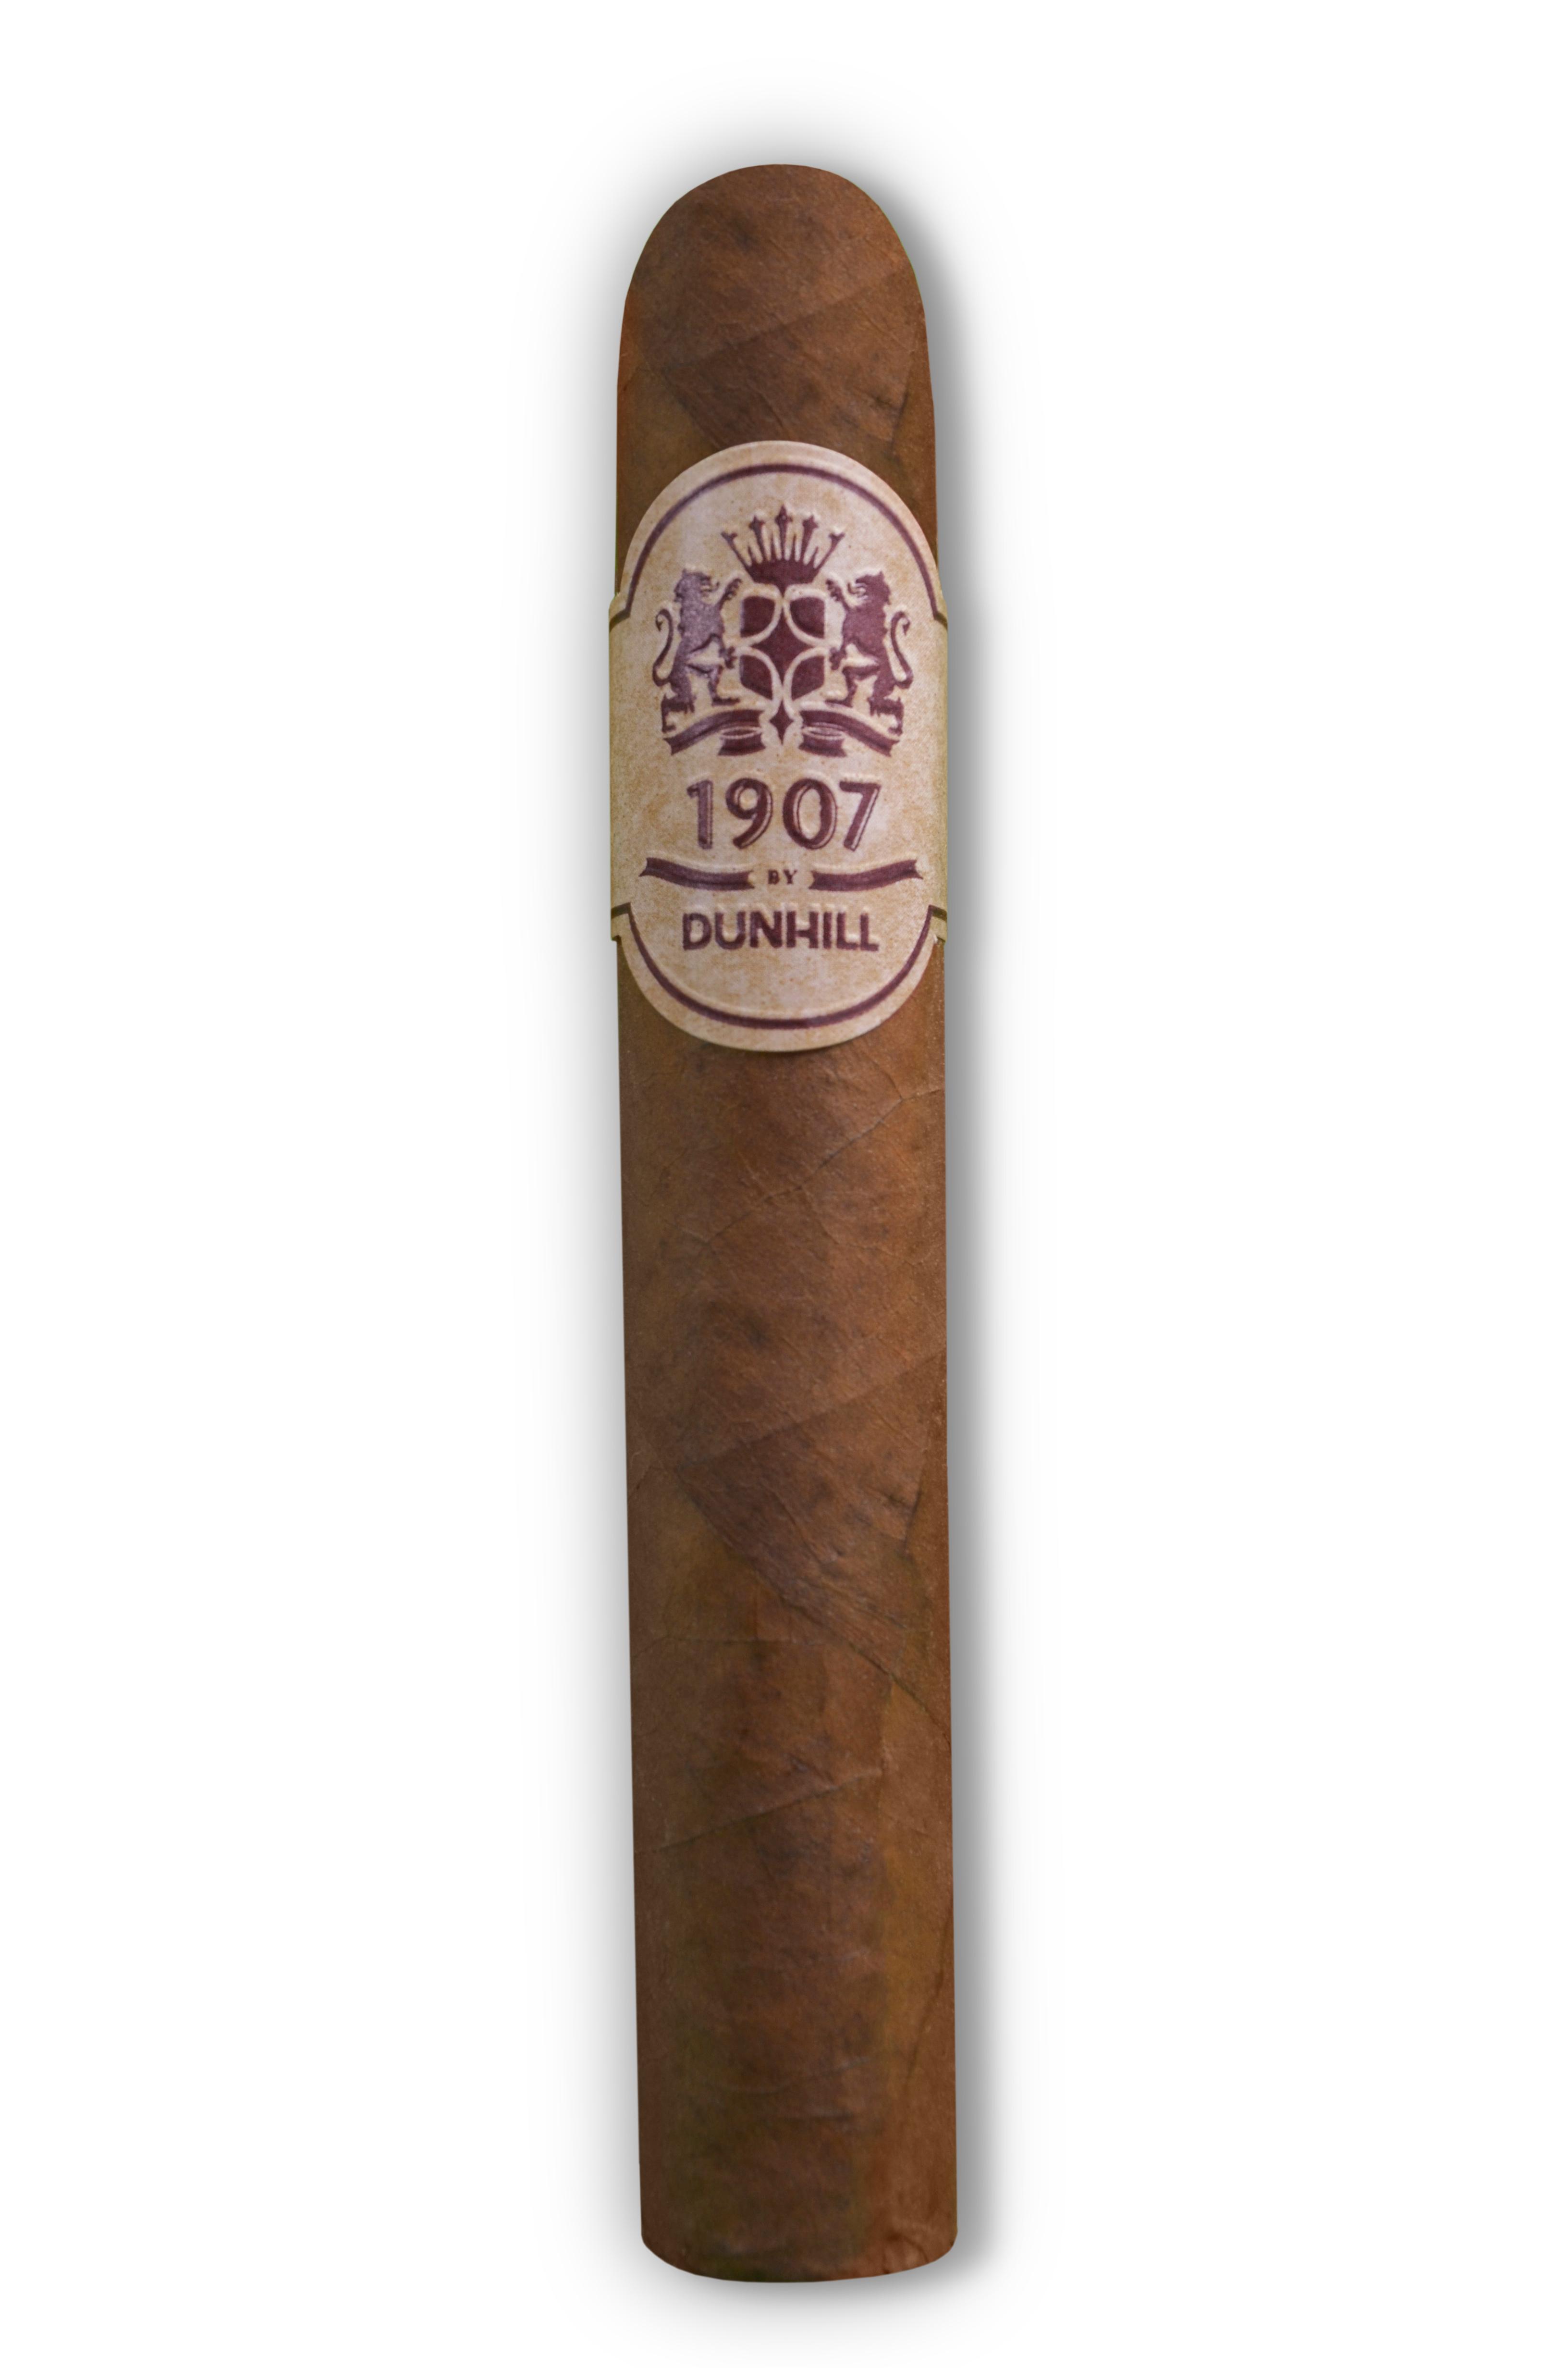 News: General Cigar Presents Dunhill 1907